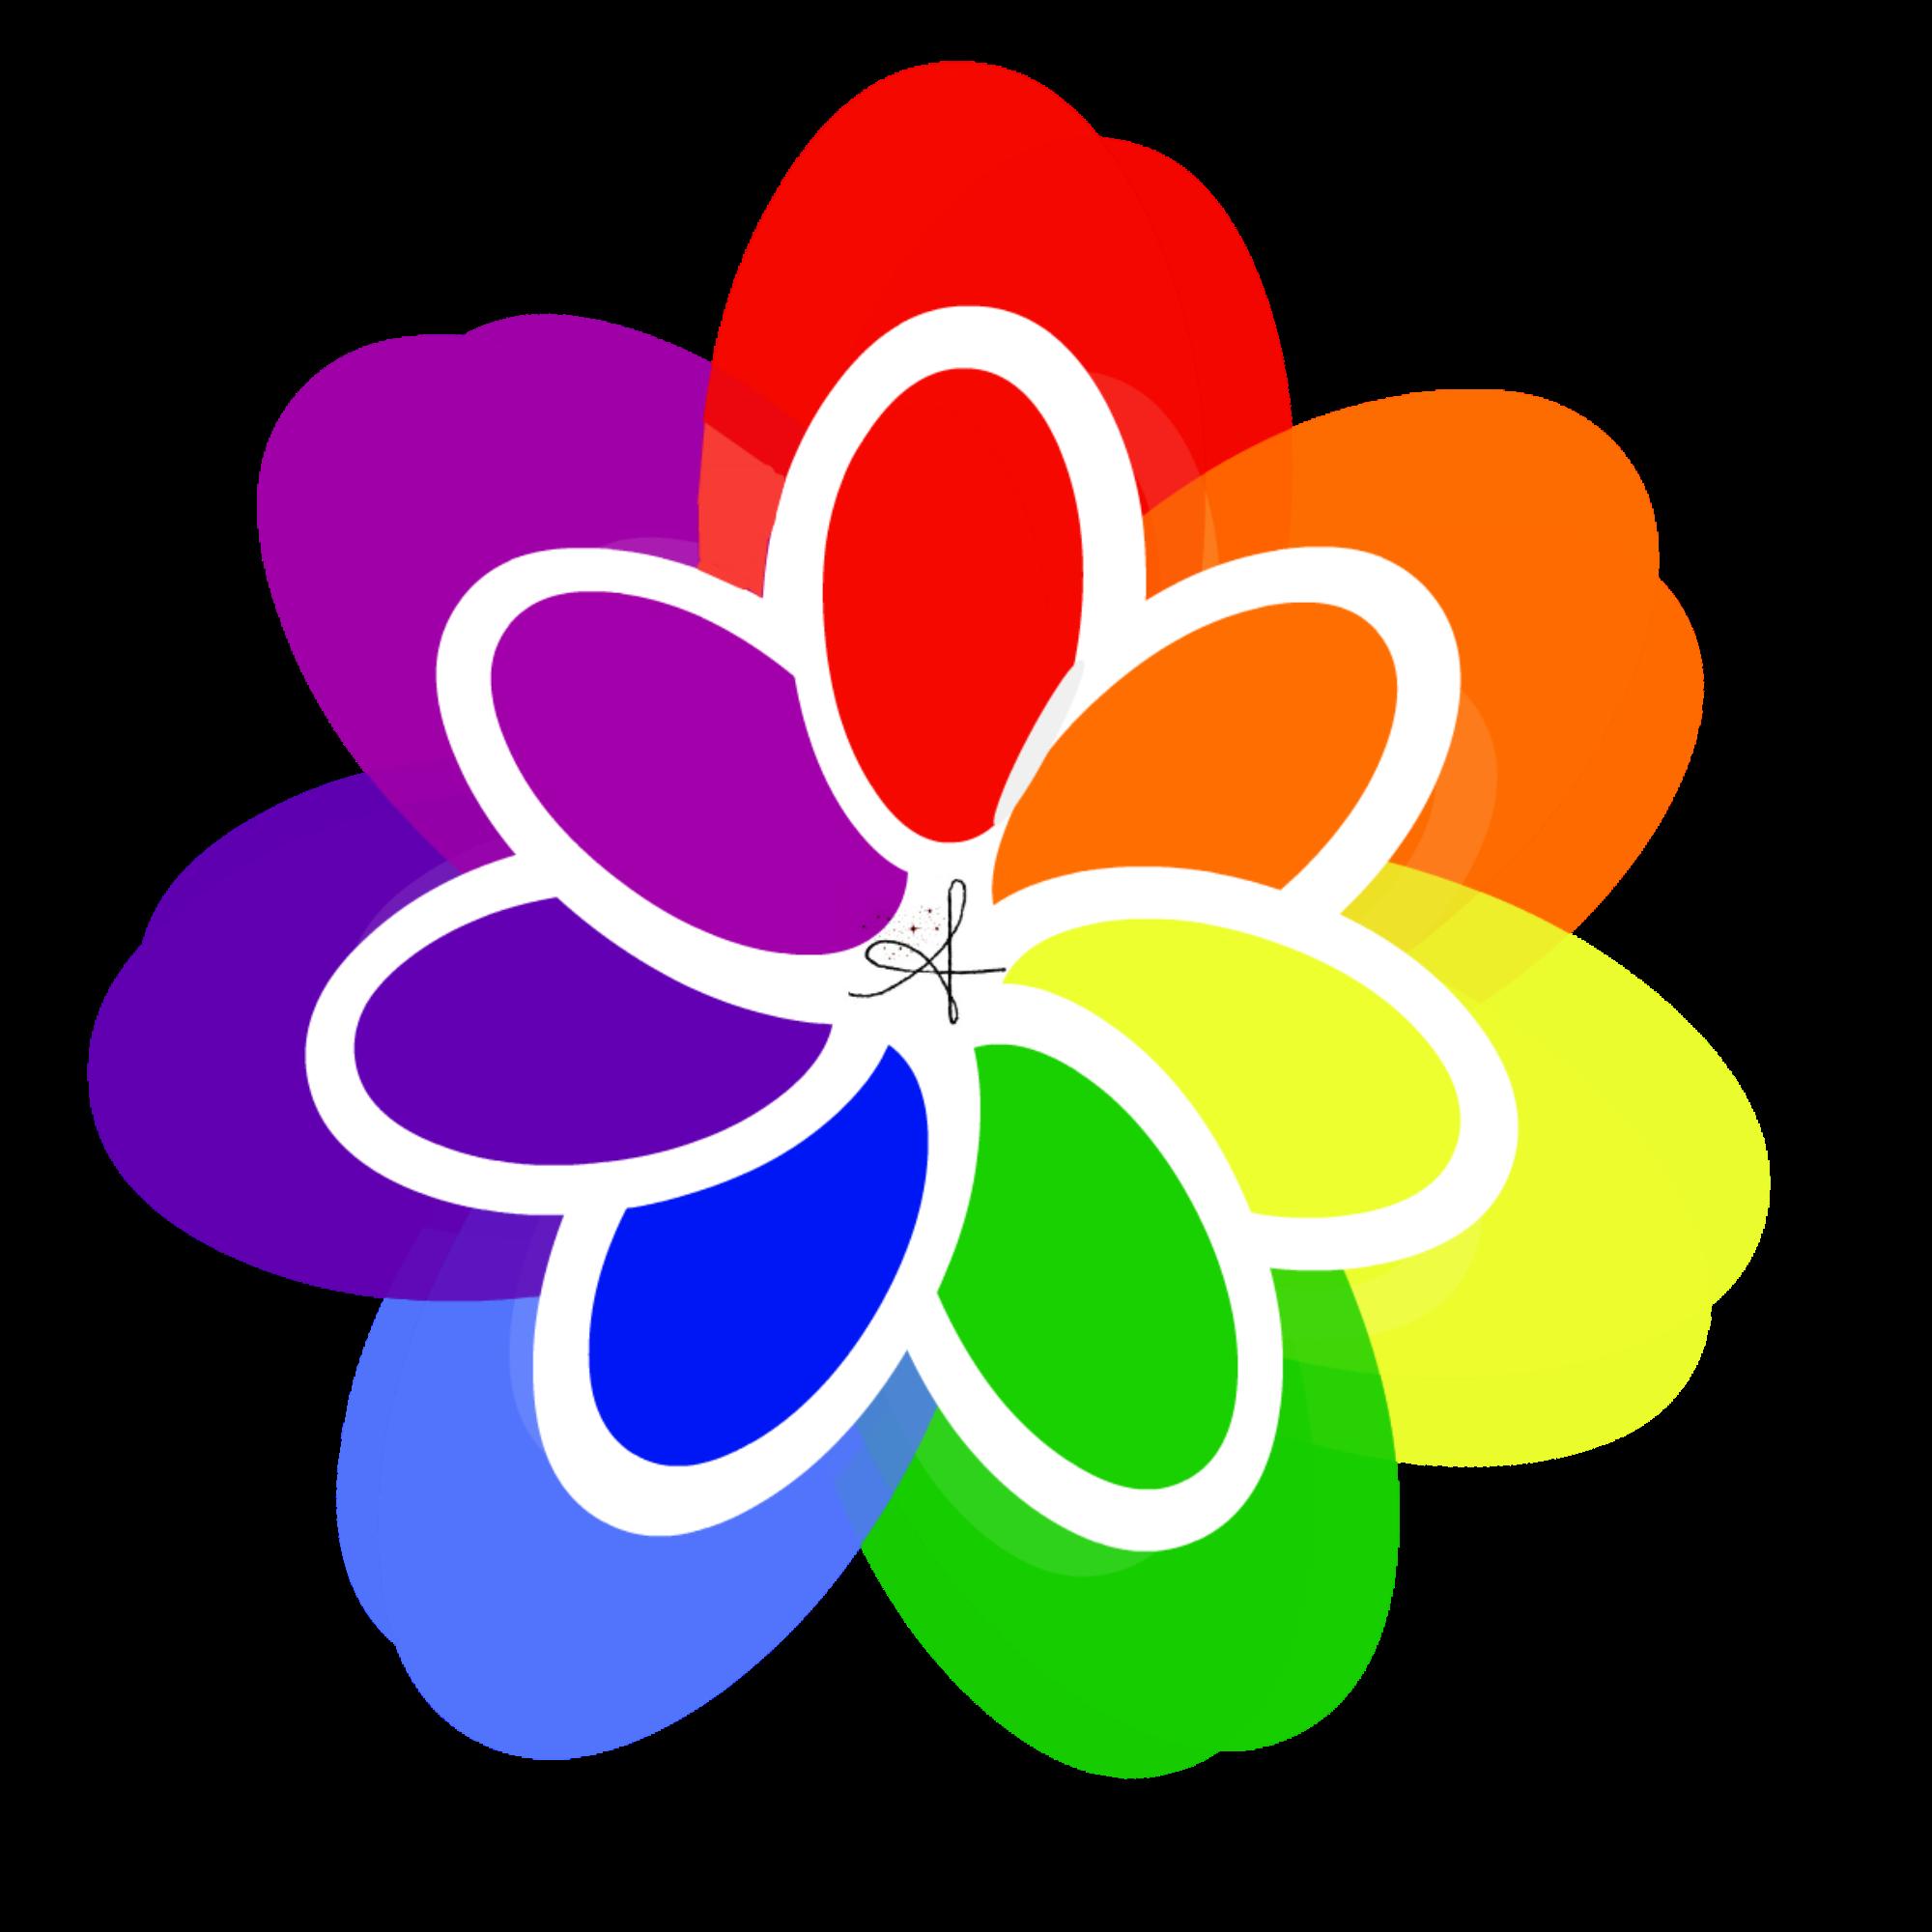 logo-2-w.png